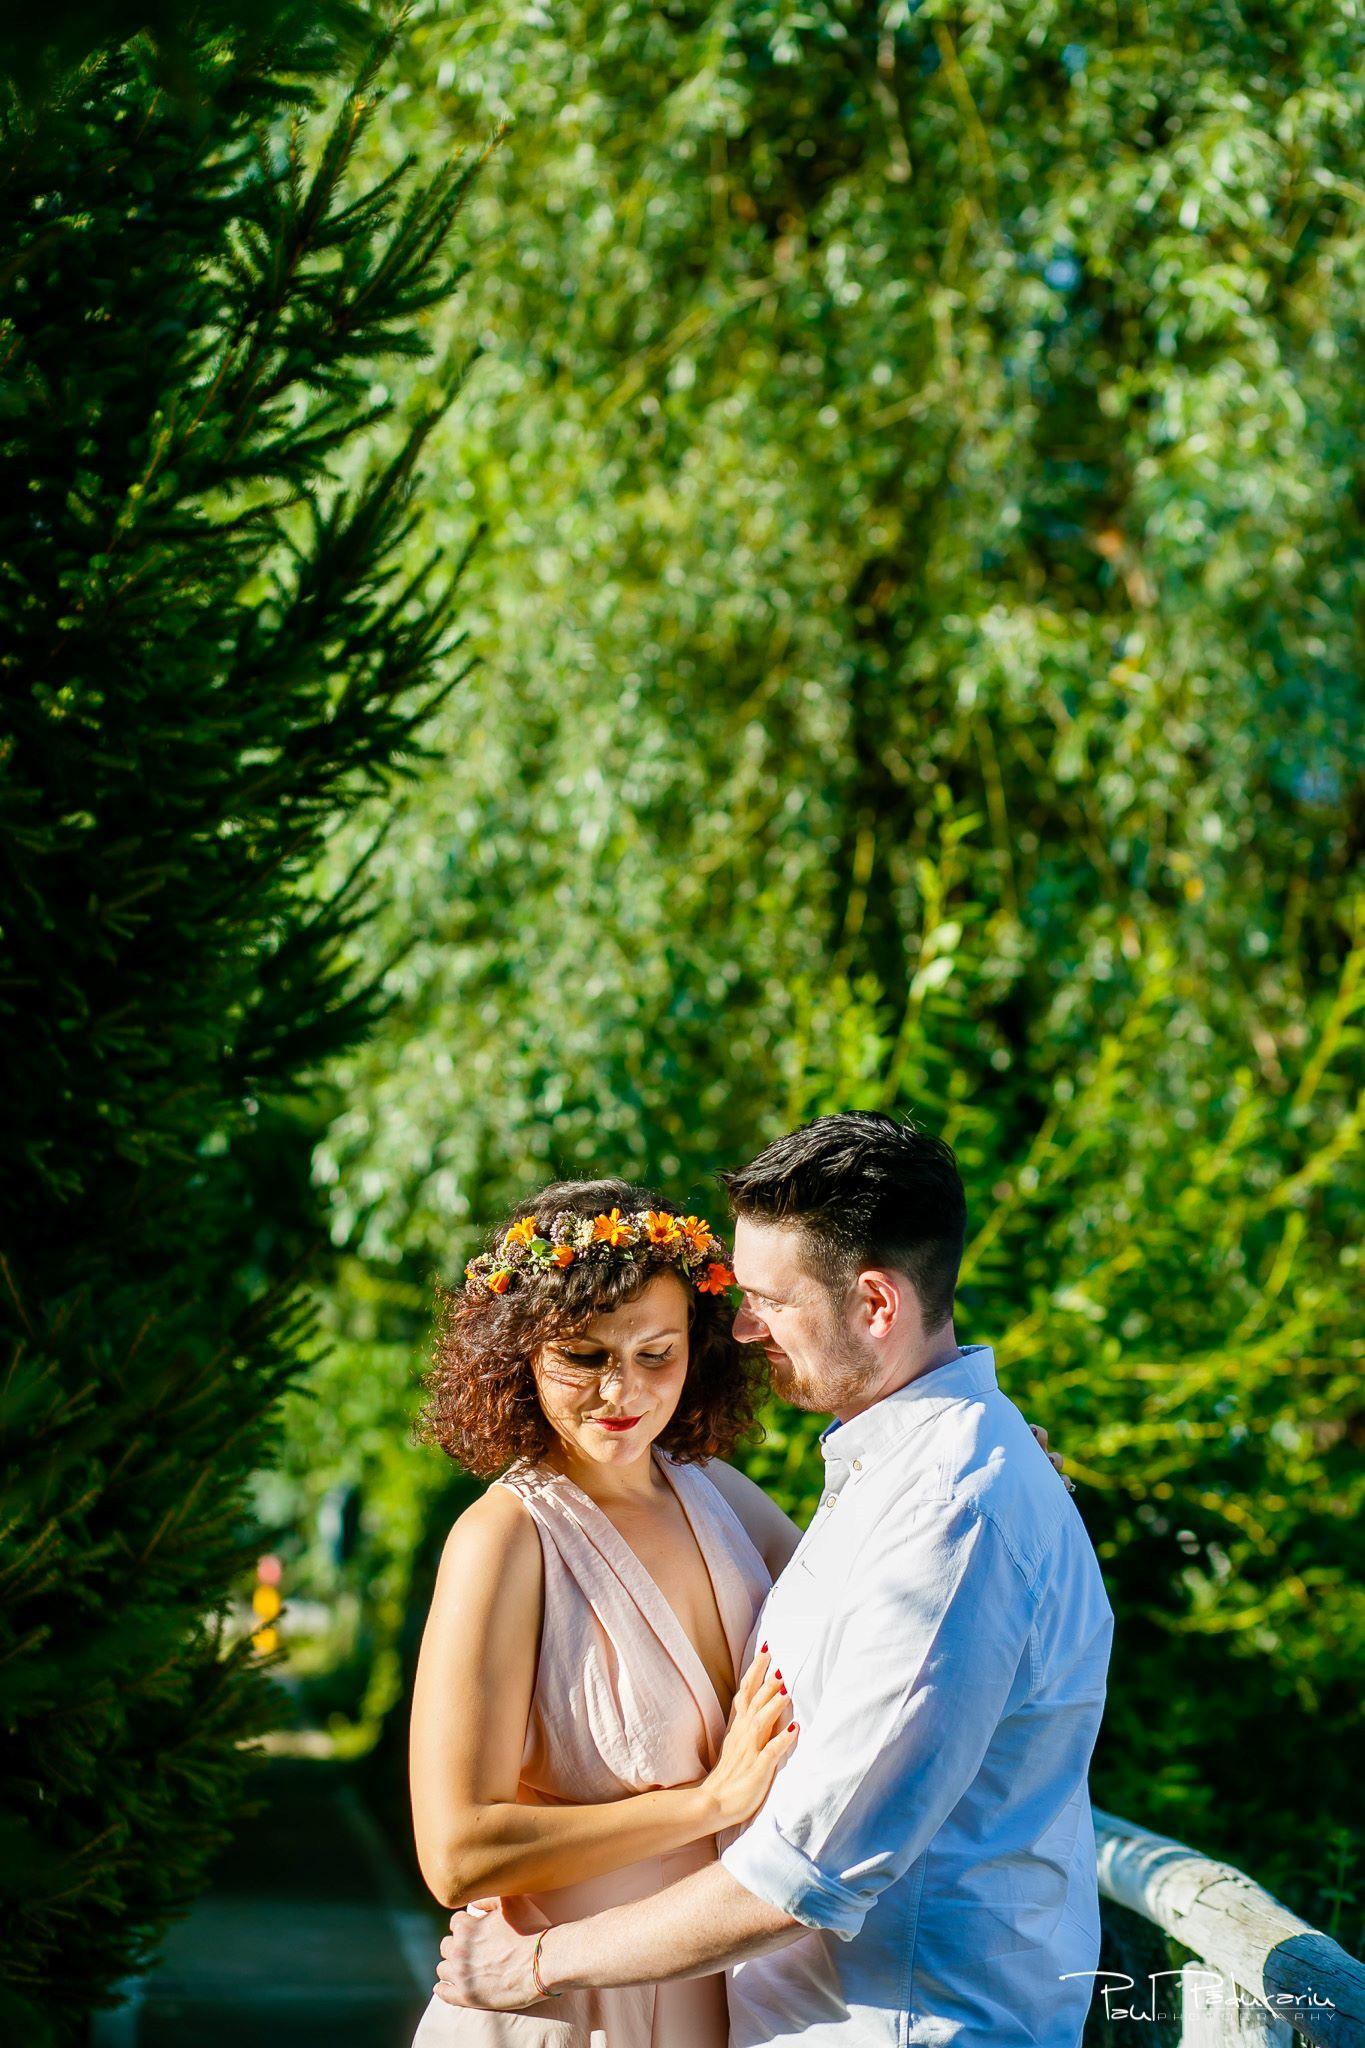 Mircea si Adina - shooting outdoor fotografie logodna | paul padurariu fotograf iasi 2019 1